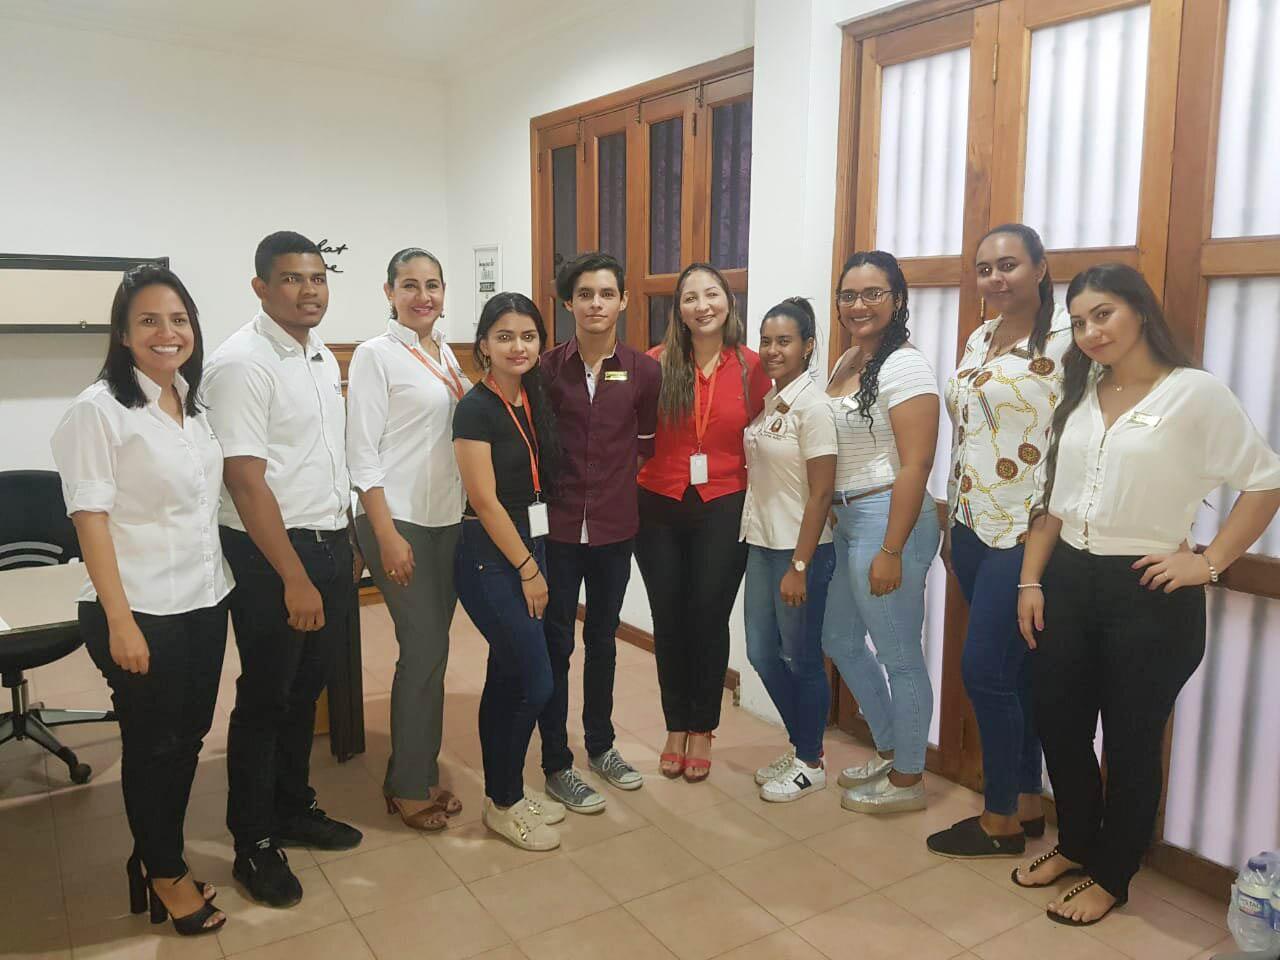 Reconocimiento a estudiantes tutores de Administración de Empresas: entrega de gafetes y certificaciones.